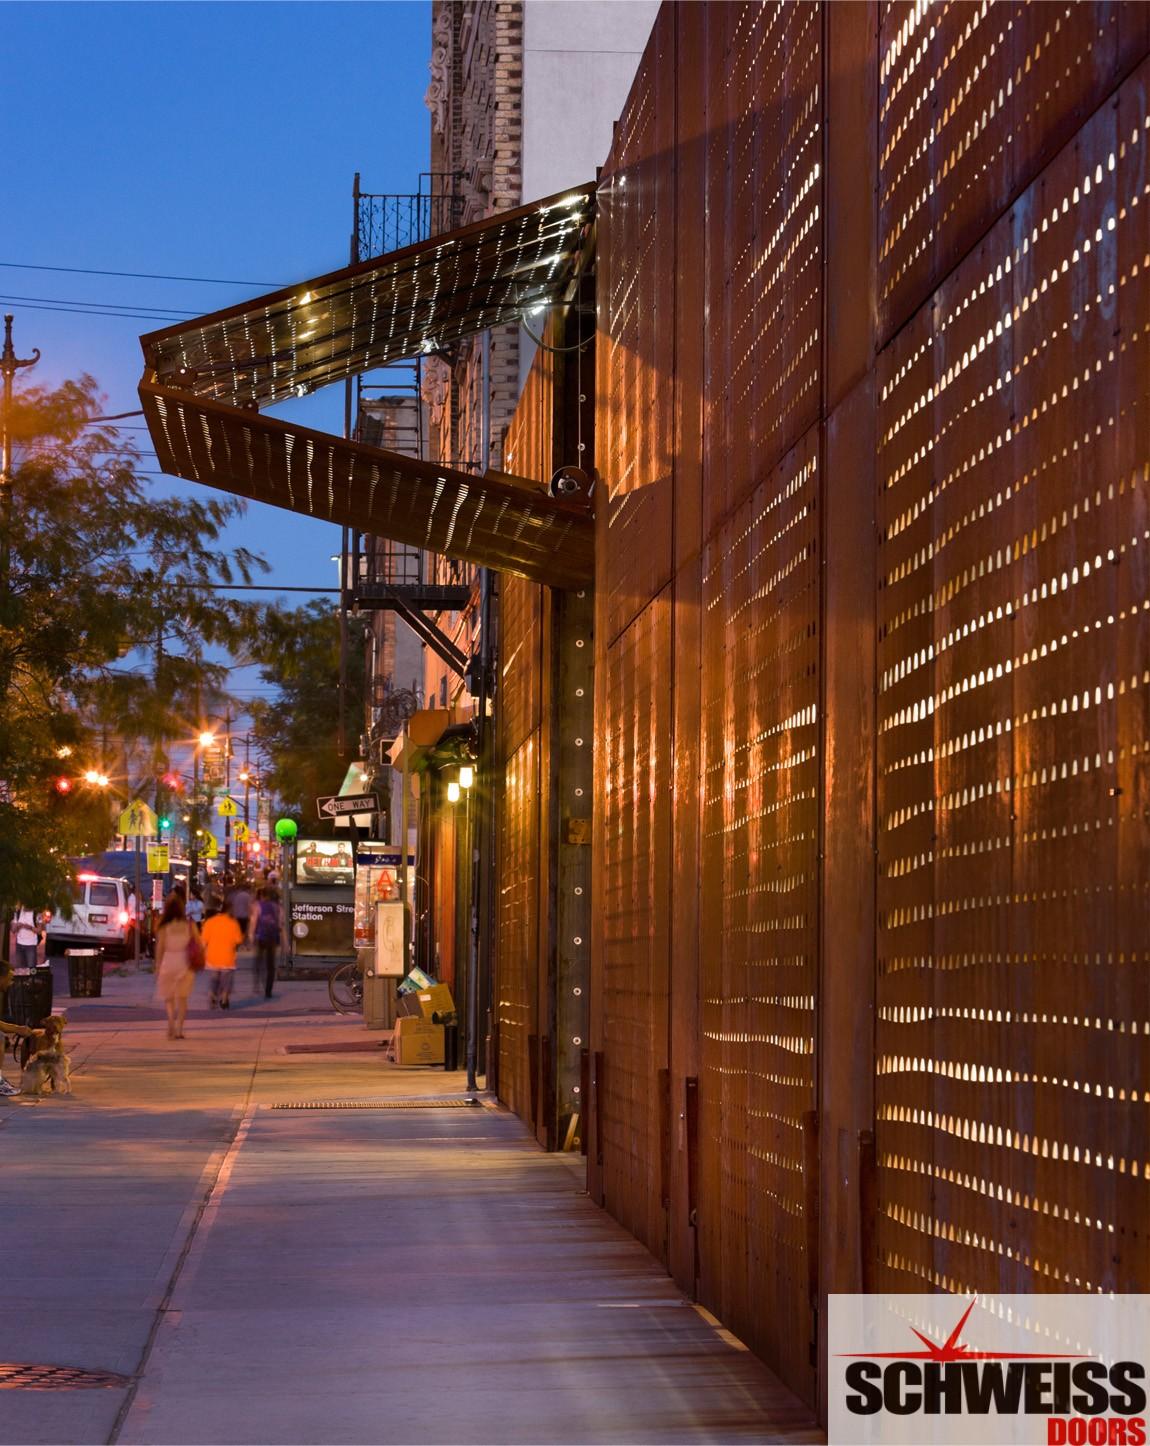 New York rustic looking bifold doordoor